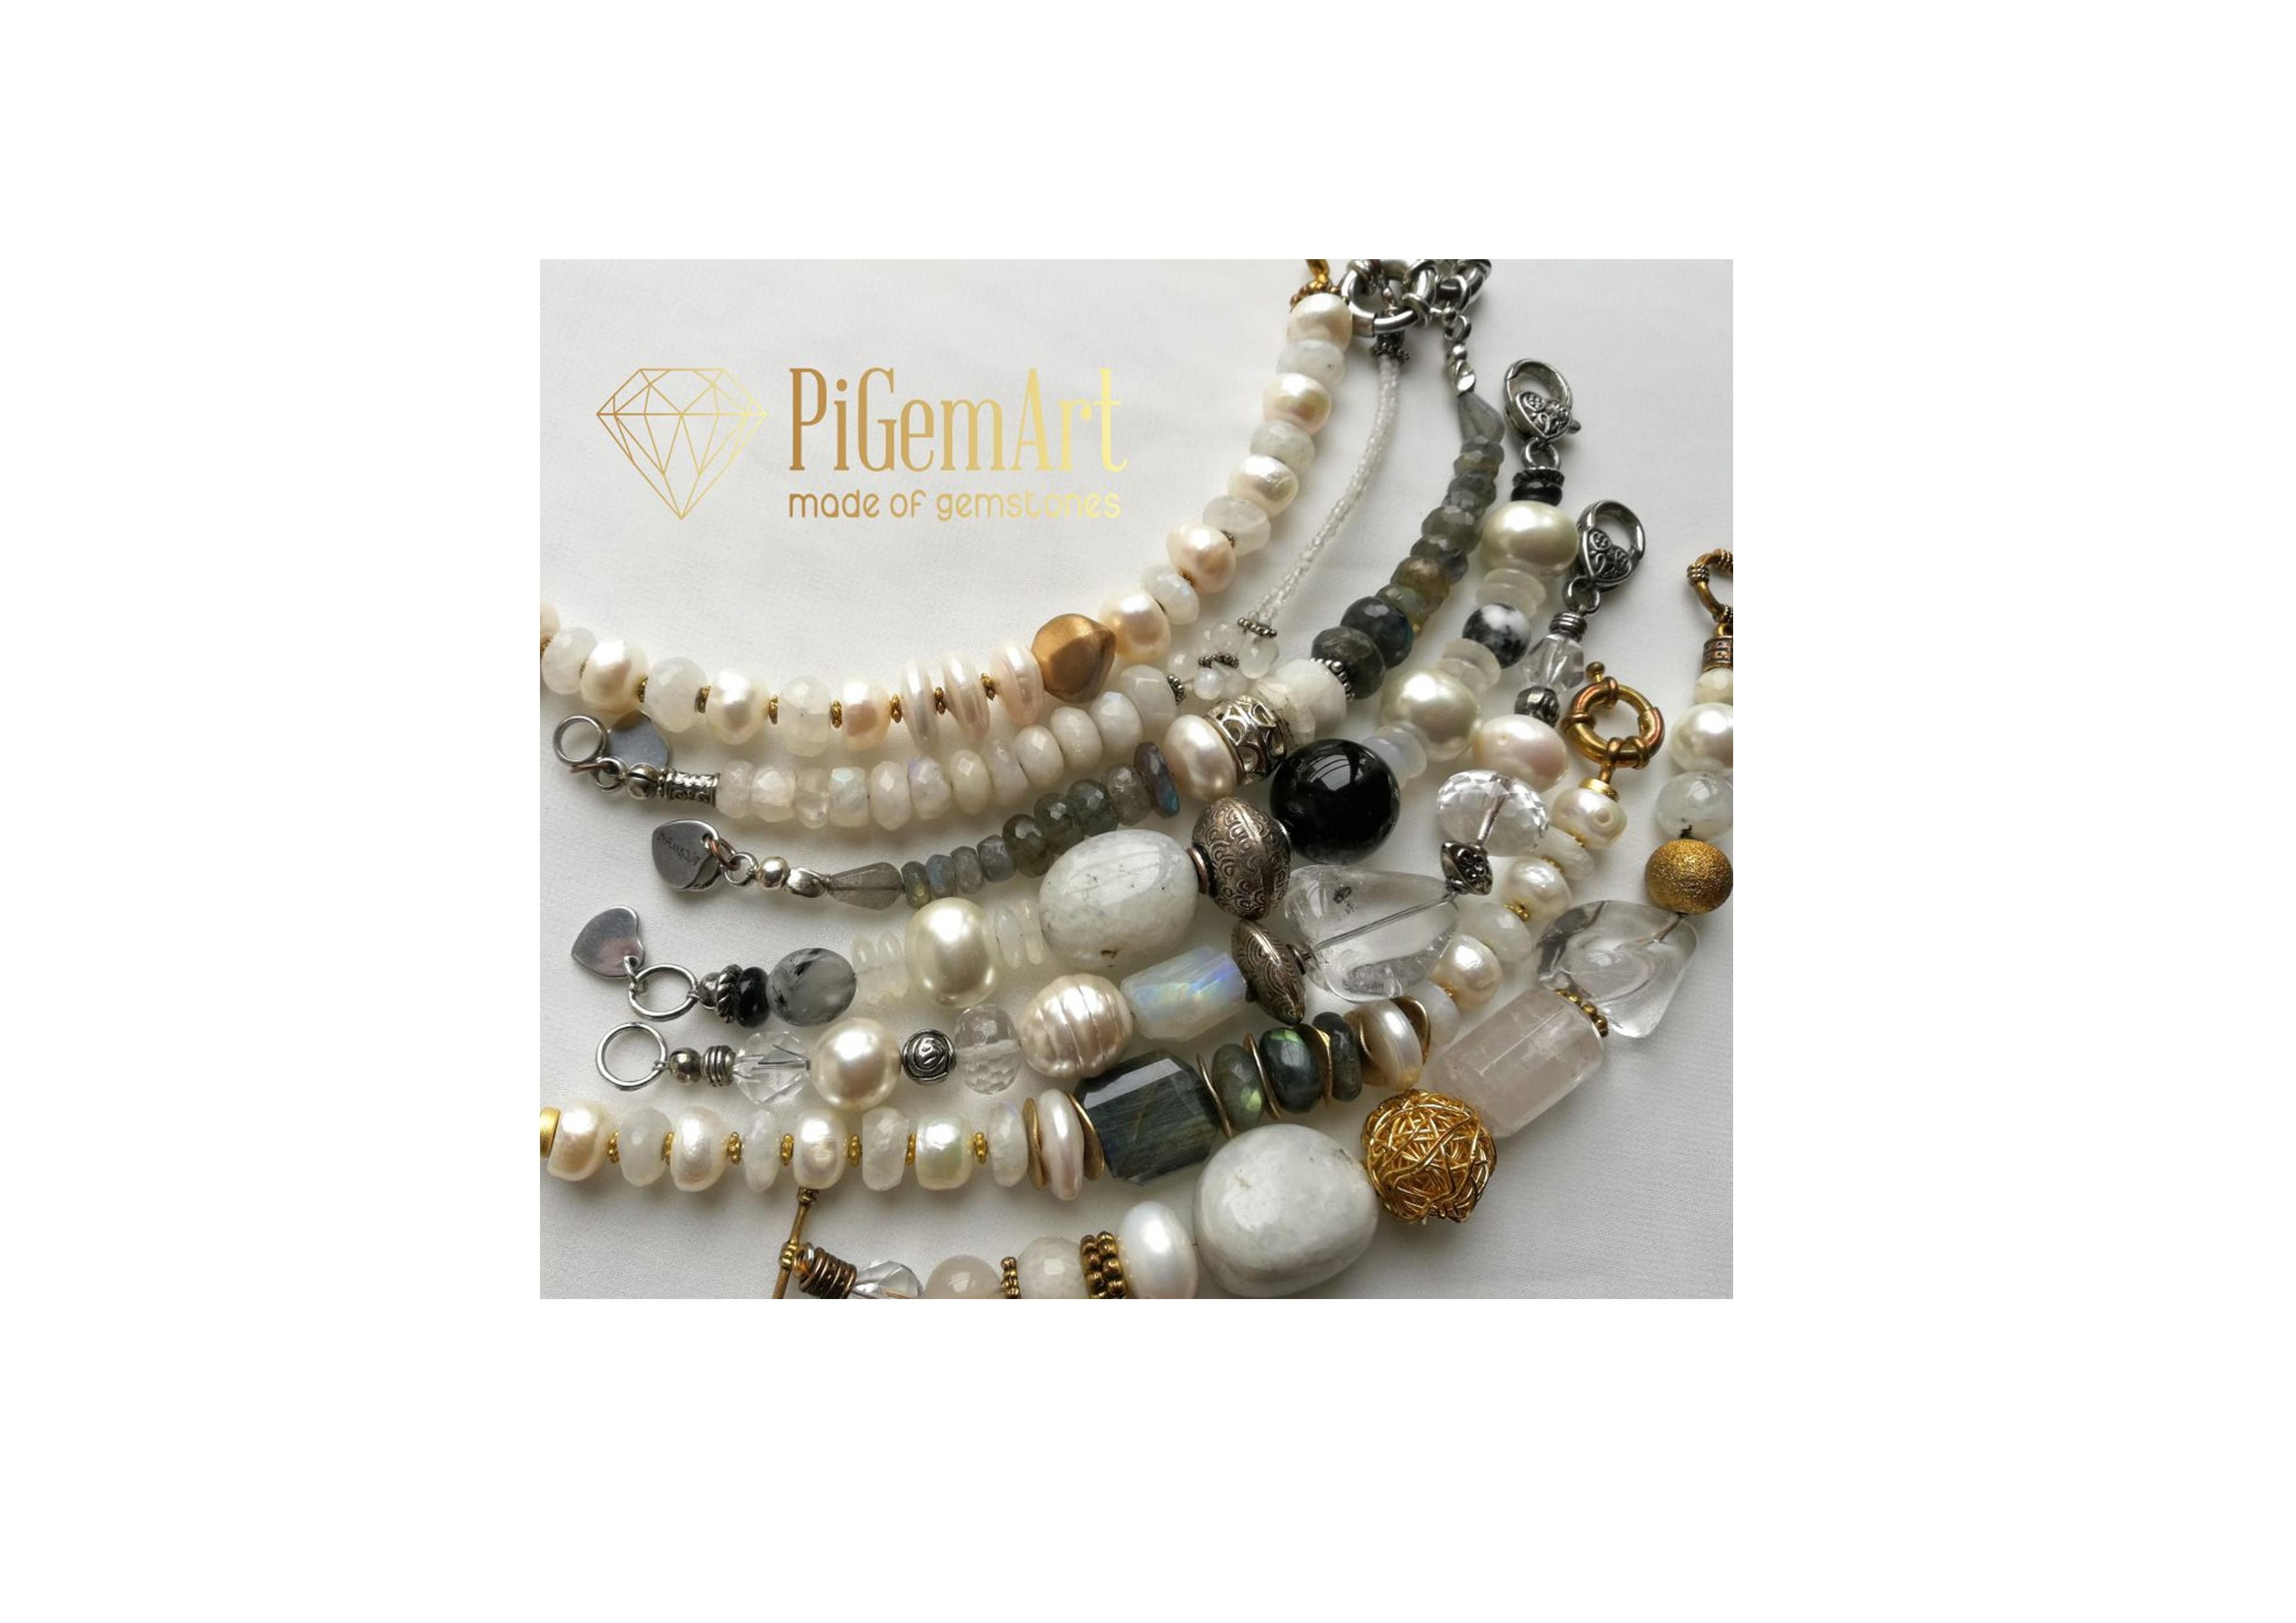 pigemart, asvanyekszer, bracelet, necklace, customized, karkötő, nyaklánc, gemstone, jewellery, egyediékszer